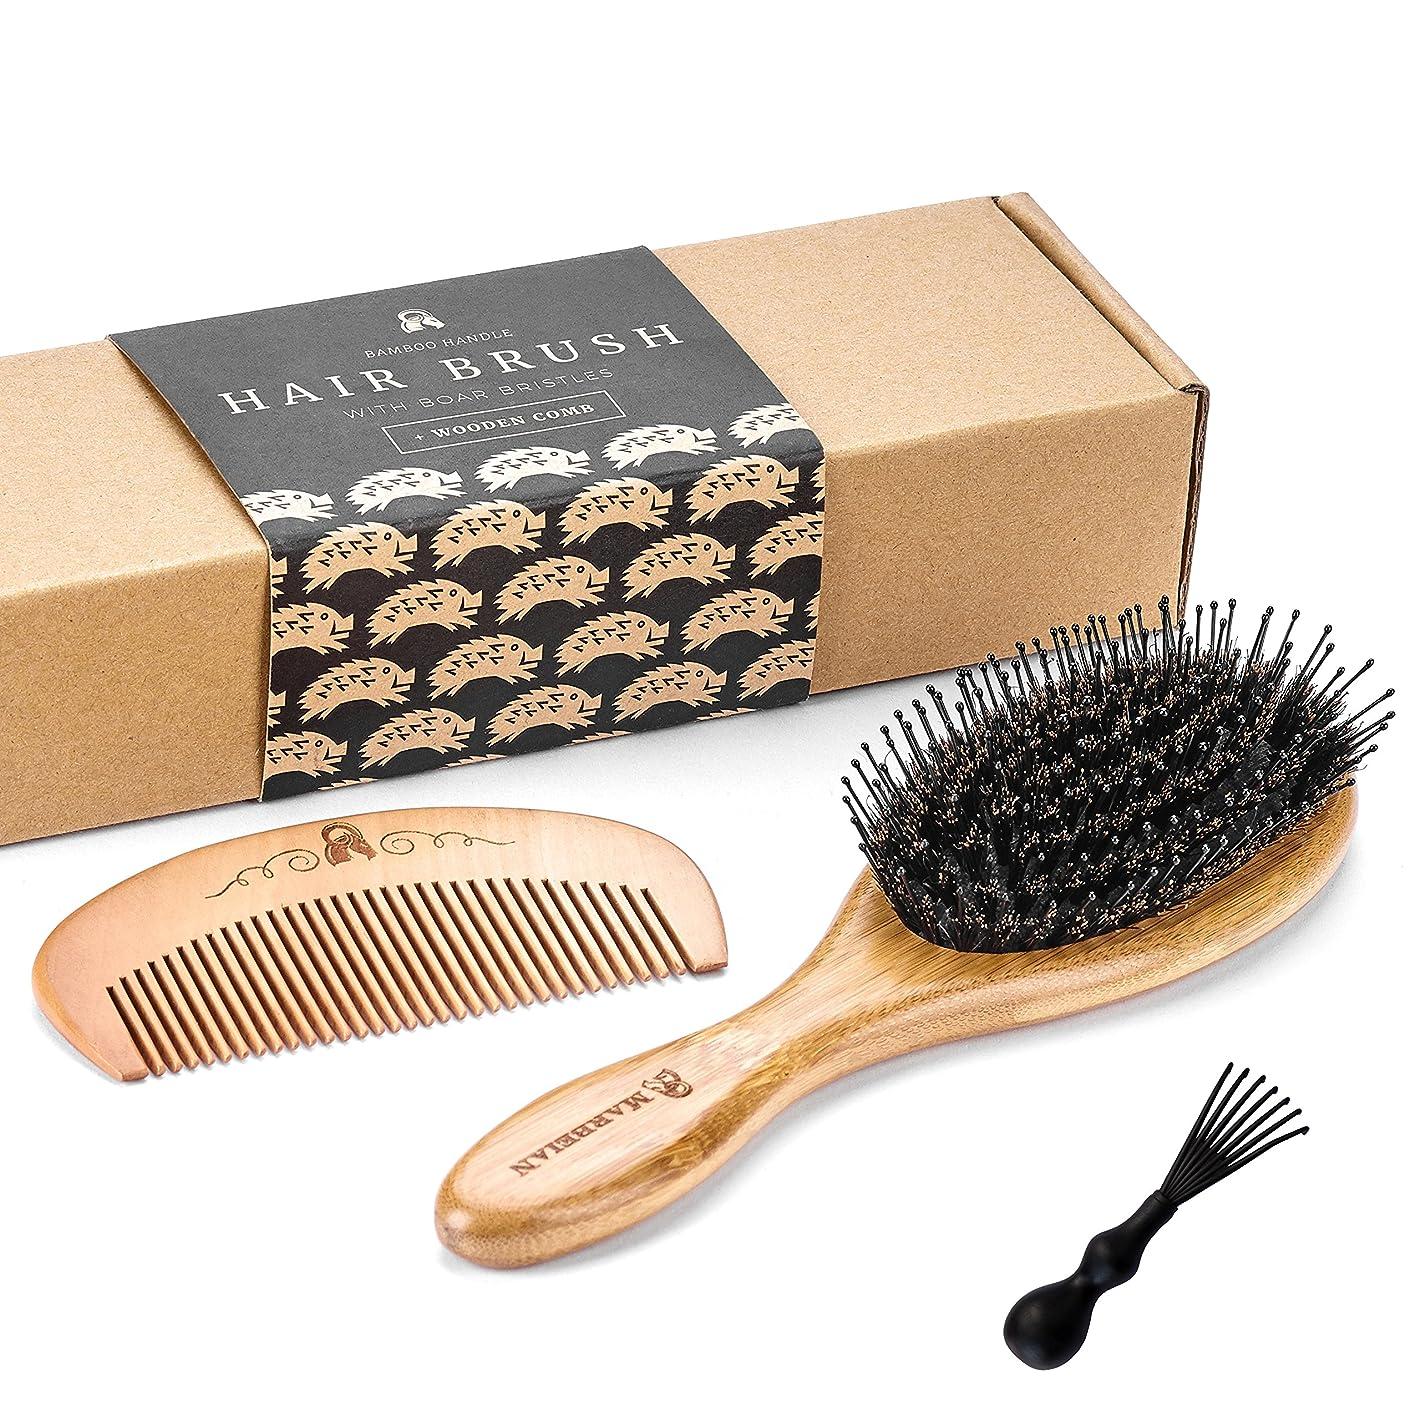 目的規模読み書きのできないディタングルピン付き豚毛バンブーヘアブラシと木製櫛セット。この商品は髪の毛を艶やかにし、クリーニング用具も付属しています。